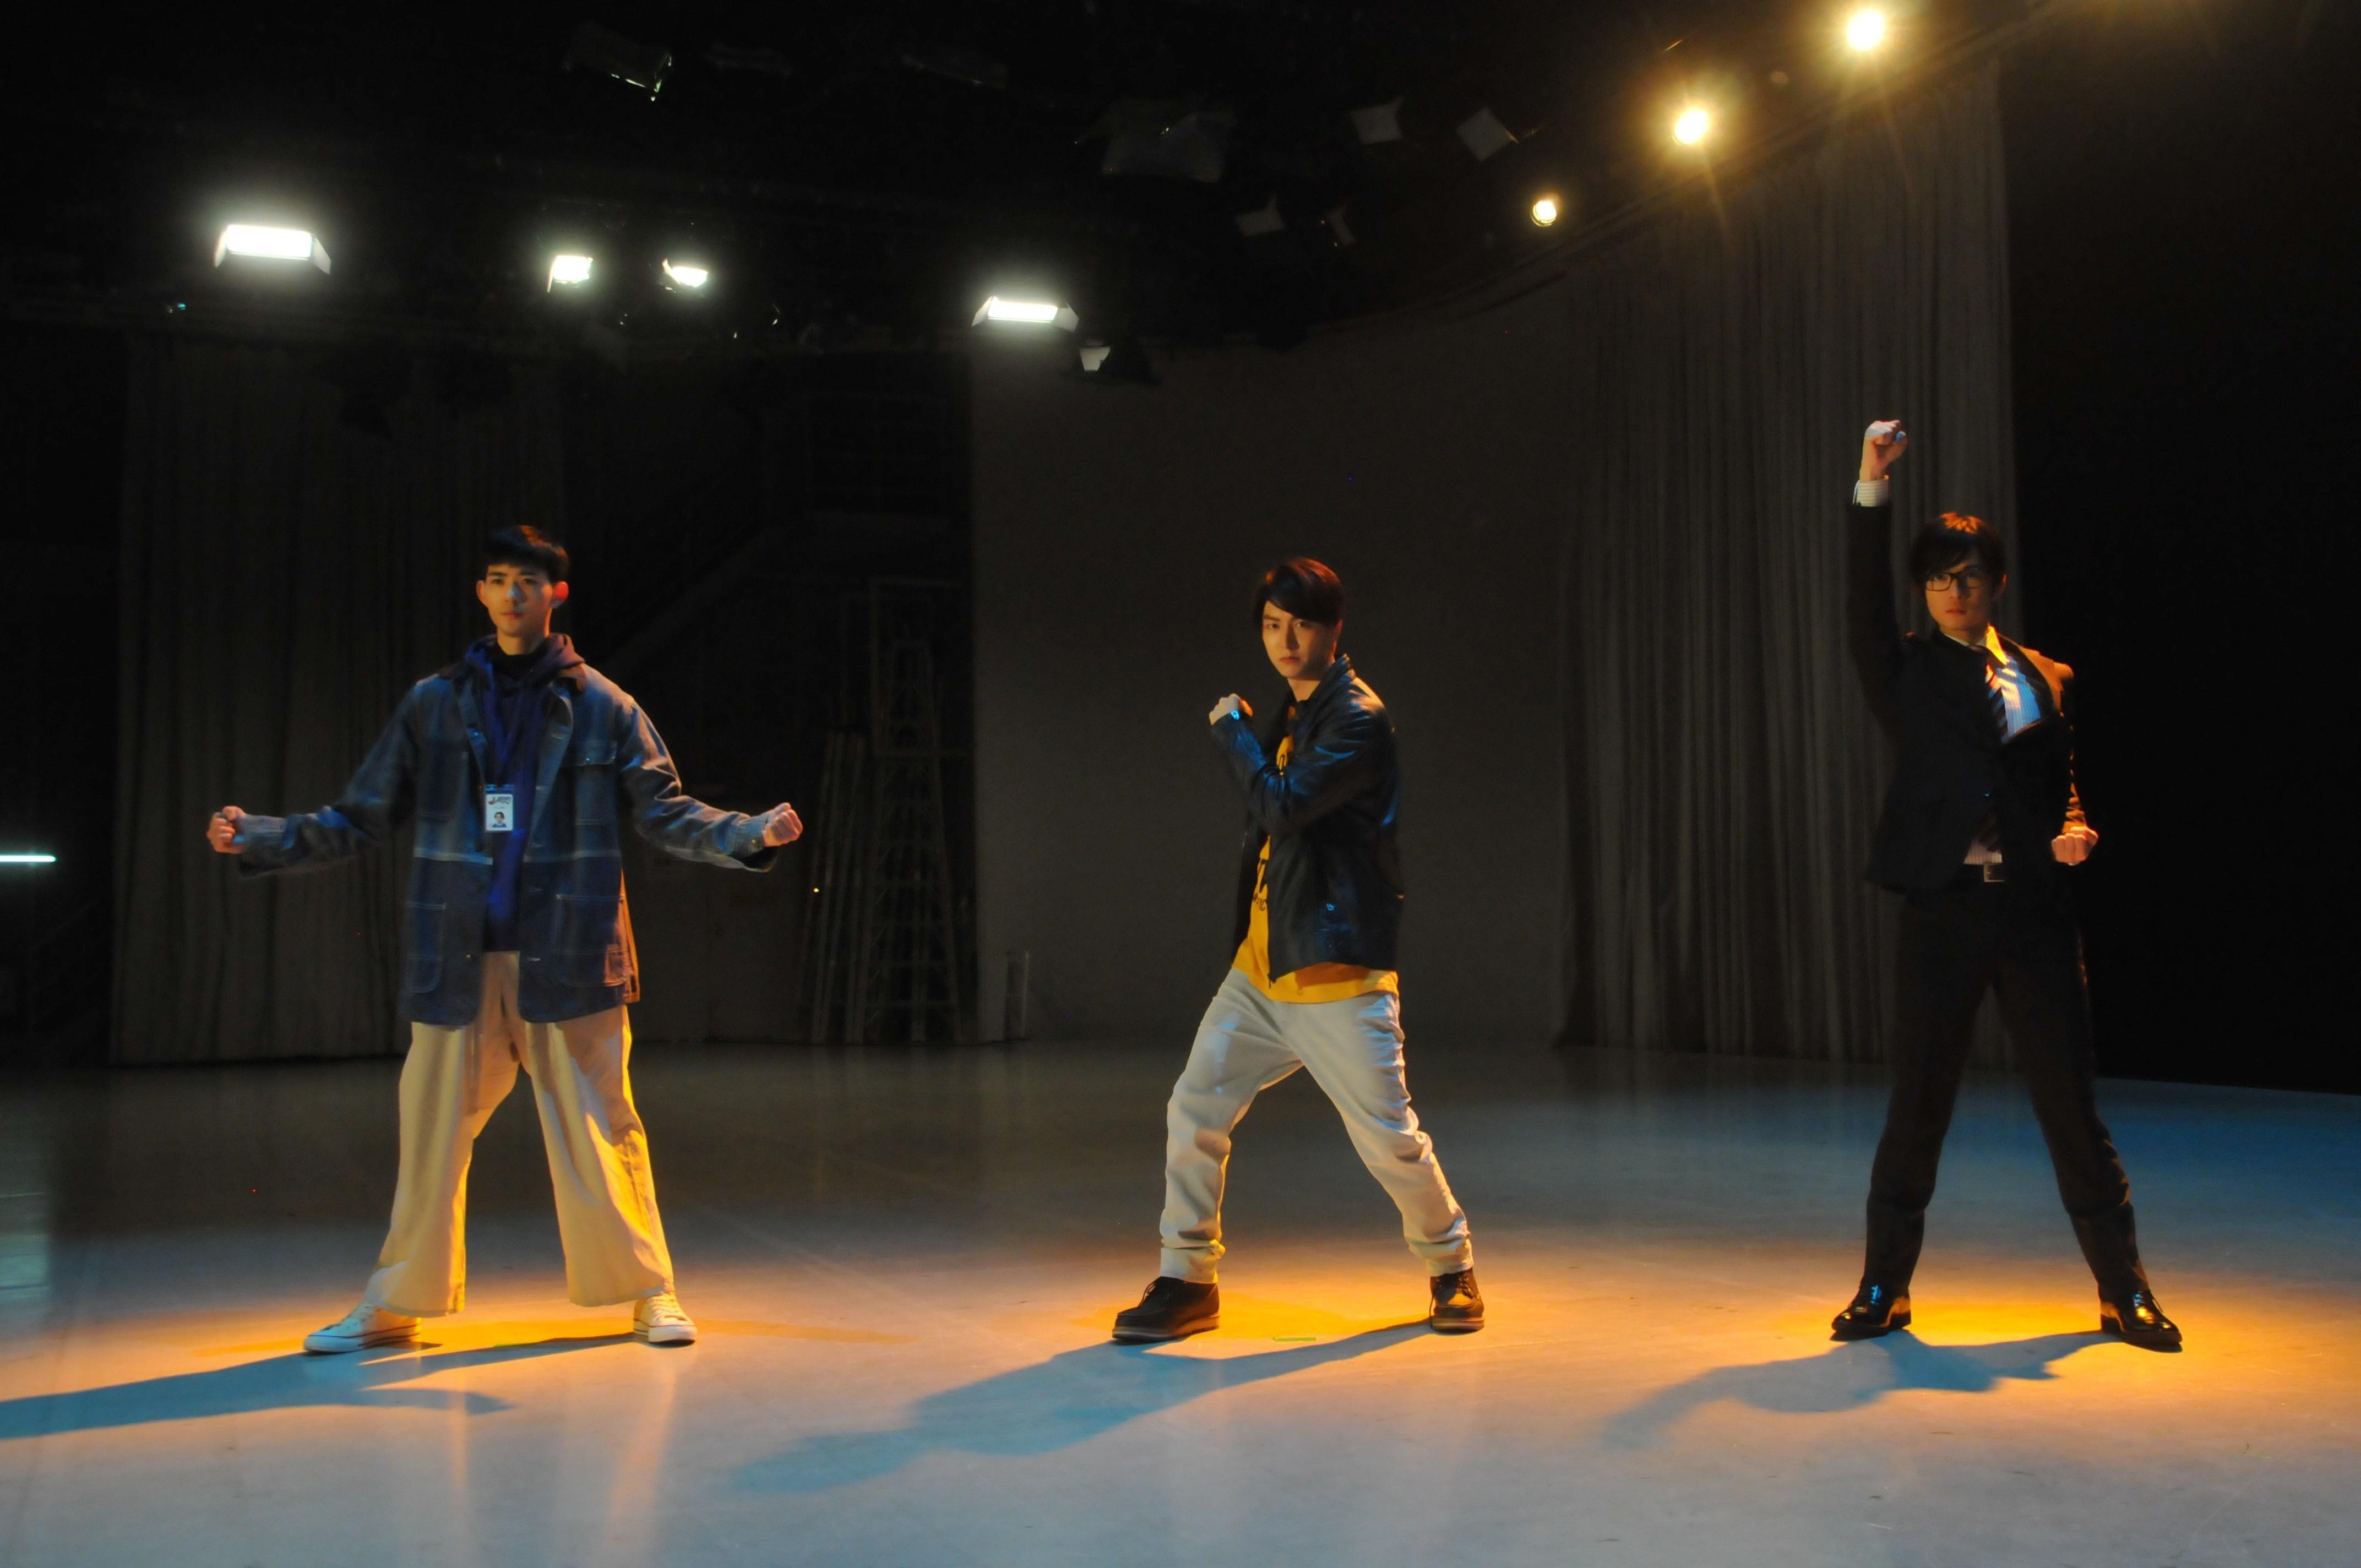 左から、竜星涼、稲葉友、千葉雄大 (C)2017 『N.Y.マックスマン』製作委員会